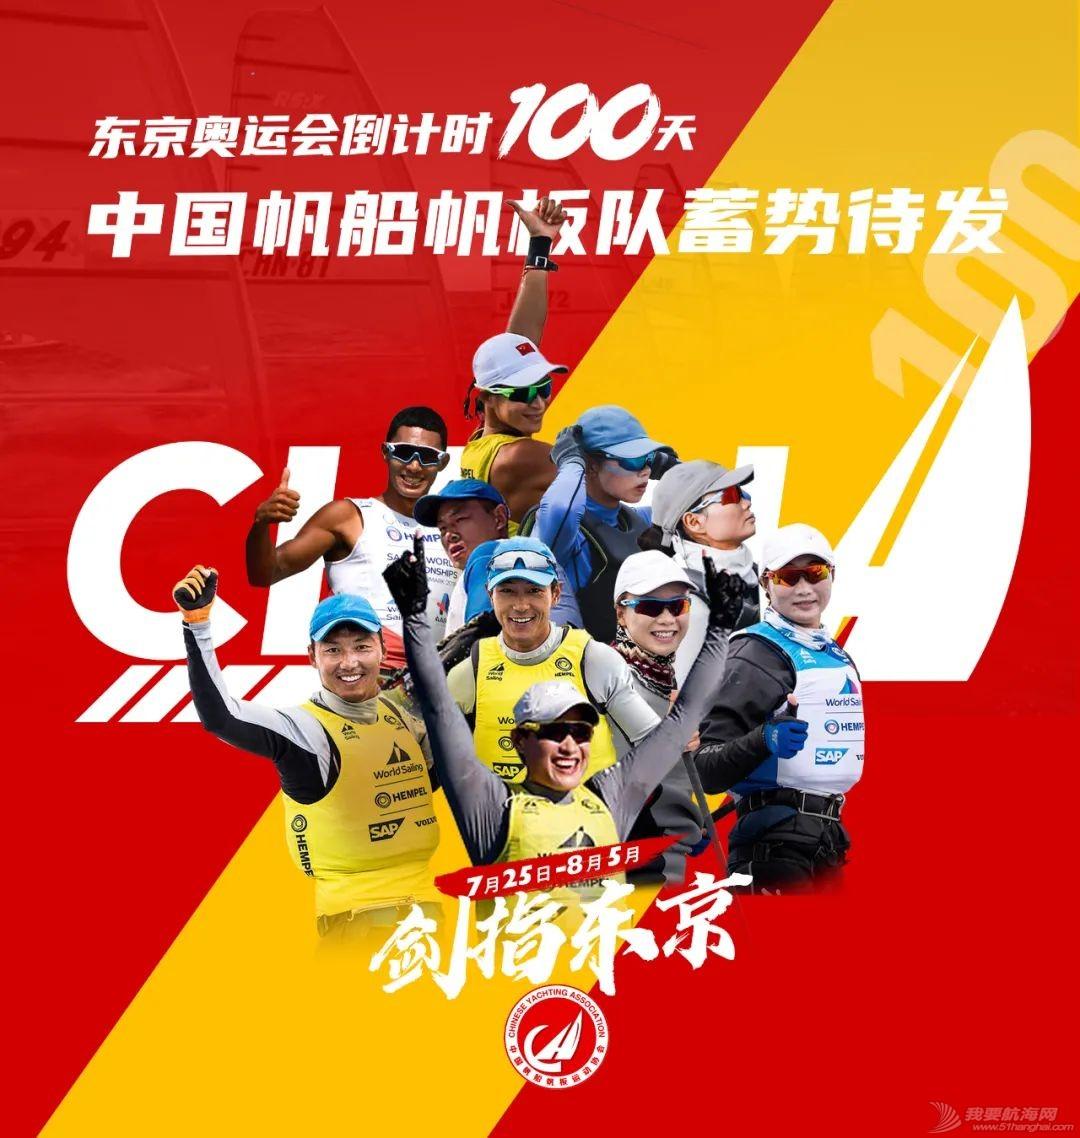 东京奥运会倒计时100天 京东助力中国帆船帆板队全力备战w2.jpg